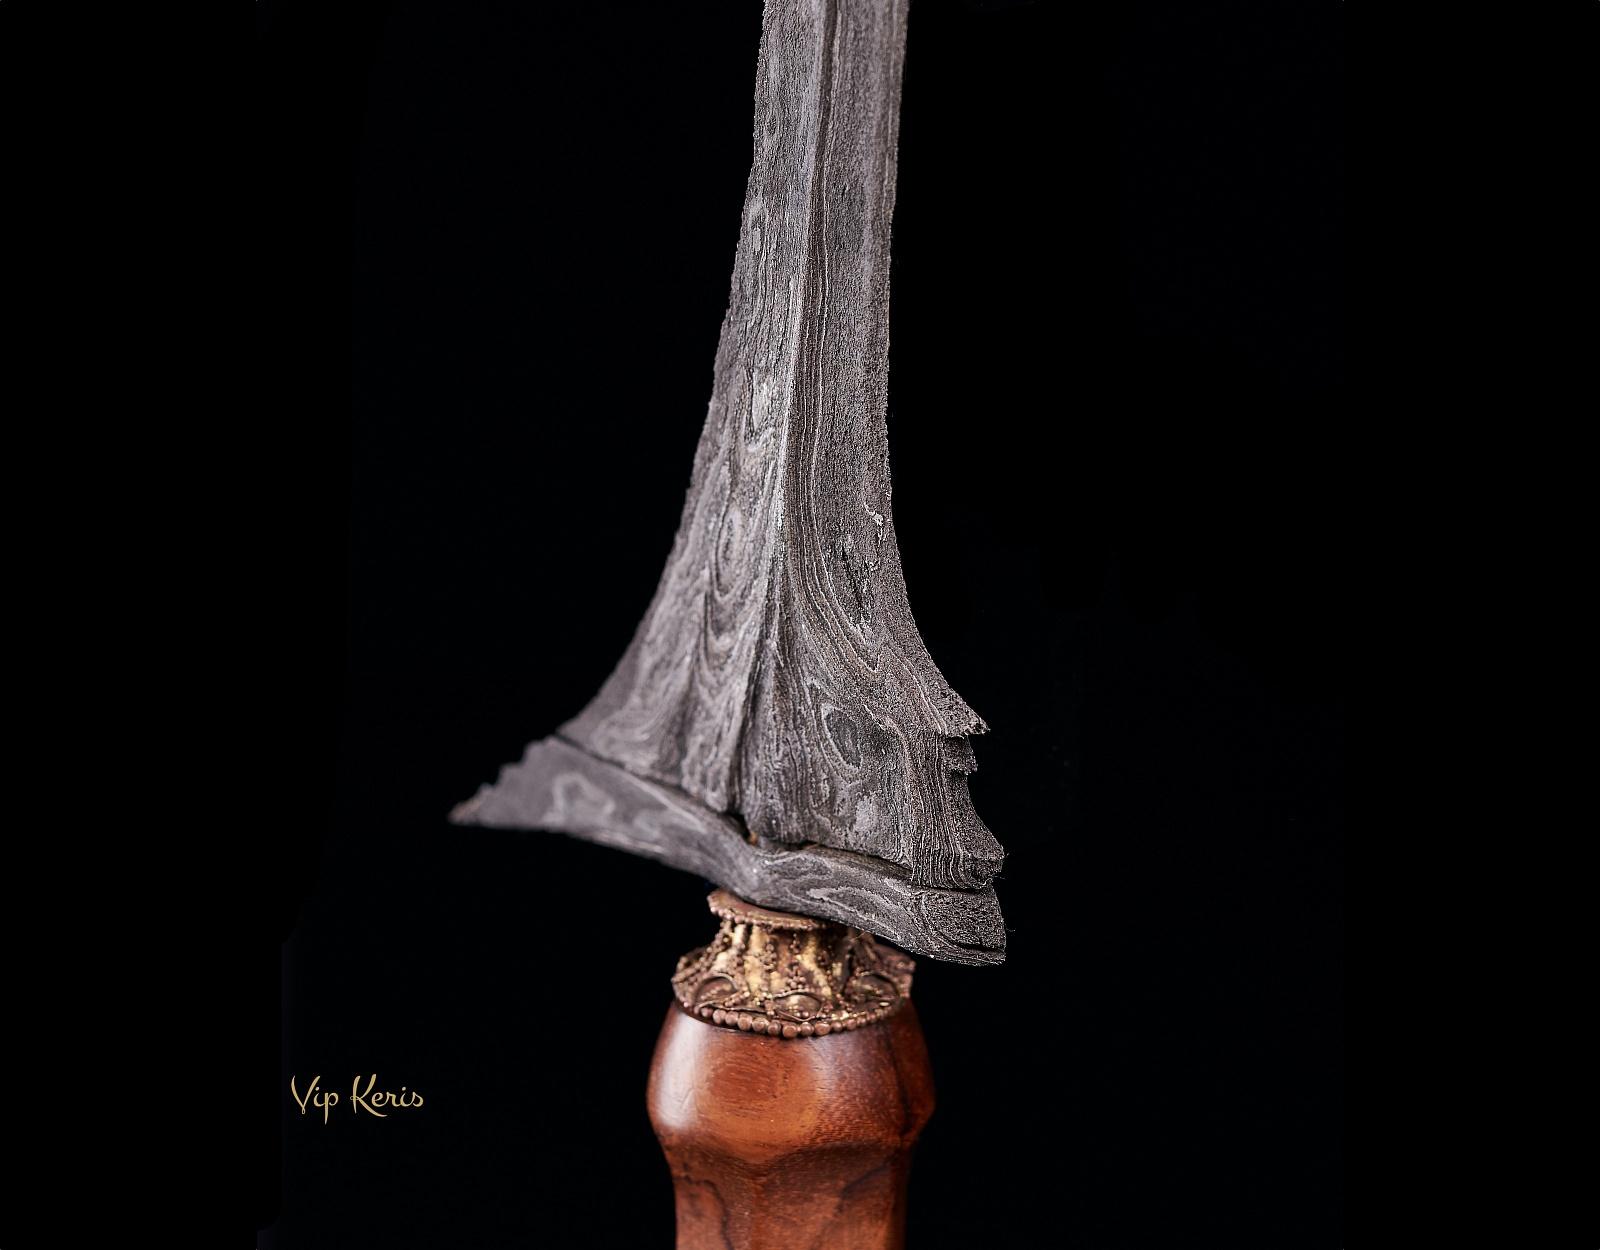 Кинжал Крис Mundarang, волшебнник. фото VipKeris